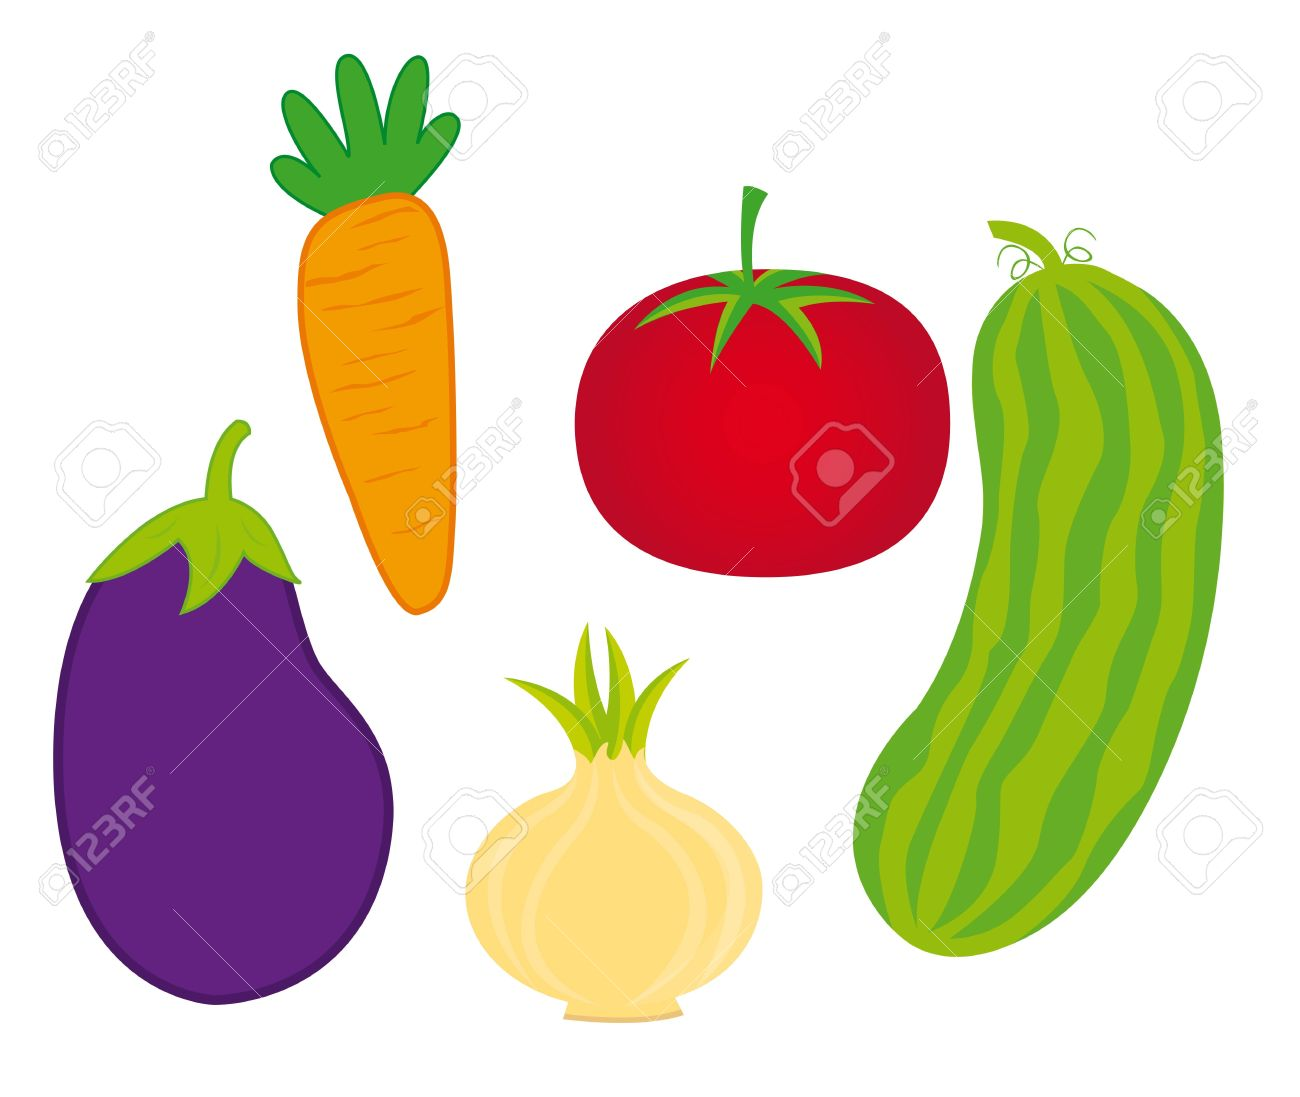 白地にかわいい野菜。ベクトル イラスト ロイヤリティフリークリップ